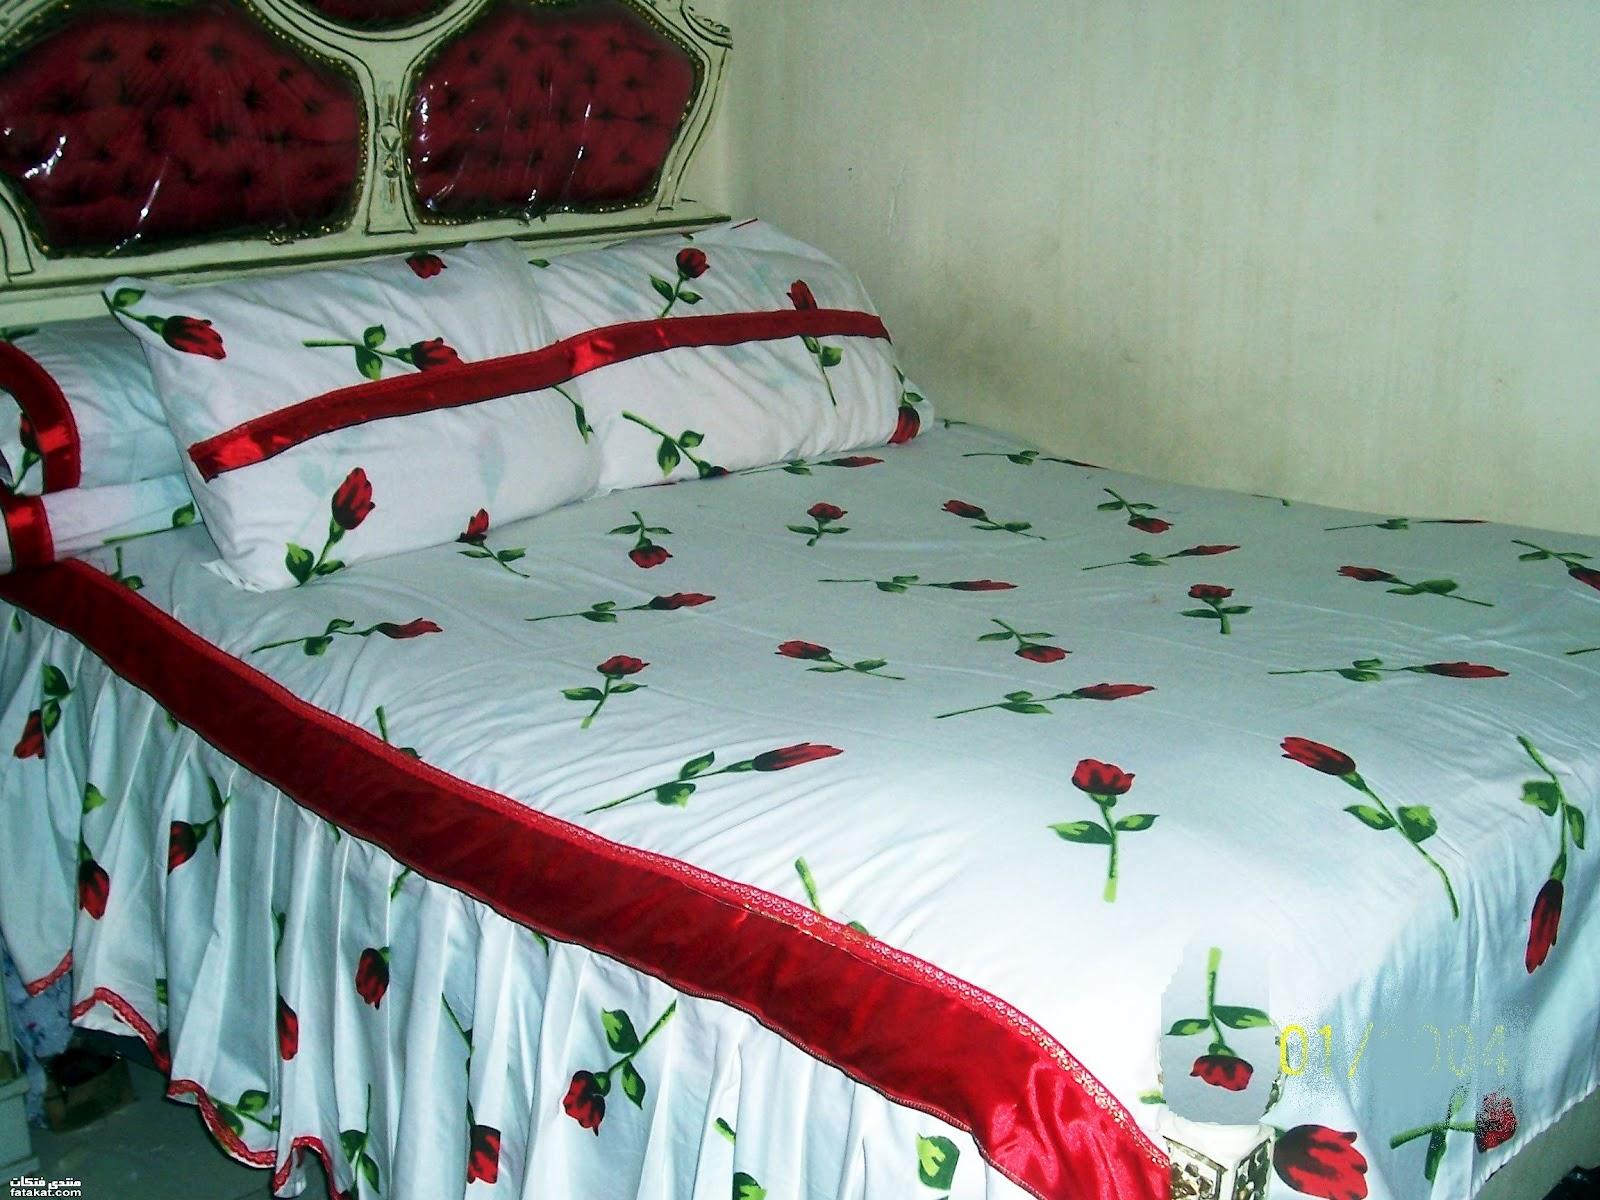 2aa3f8a626c02 تمثّل ألوان غرف النوم أهم عامل لإنعاش الحياة الجنسية، حيث أظهرت دراسة حديثة  أن المتزوجين الذين اختاروا اللون الأرجواني أو البنفسجي لجدران غرف نومهم  وأغطية ...